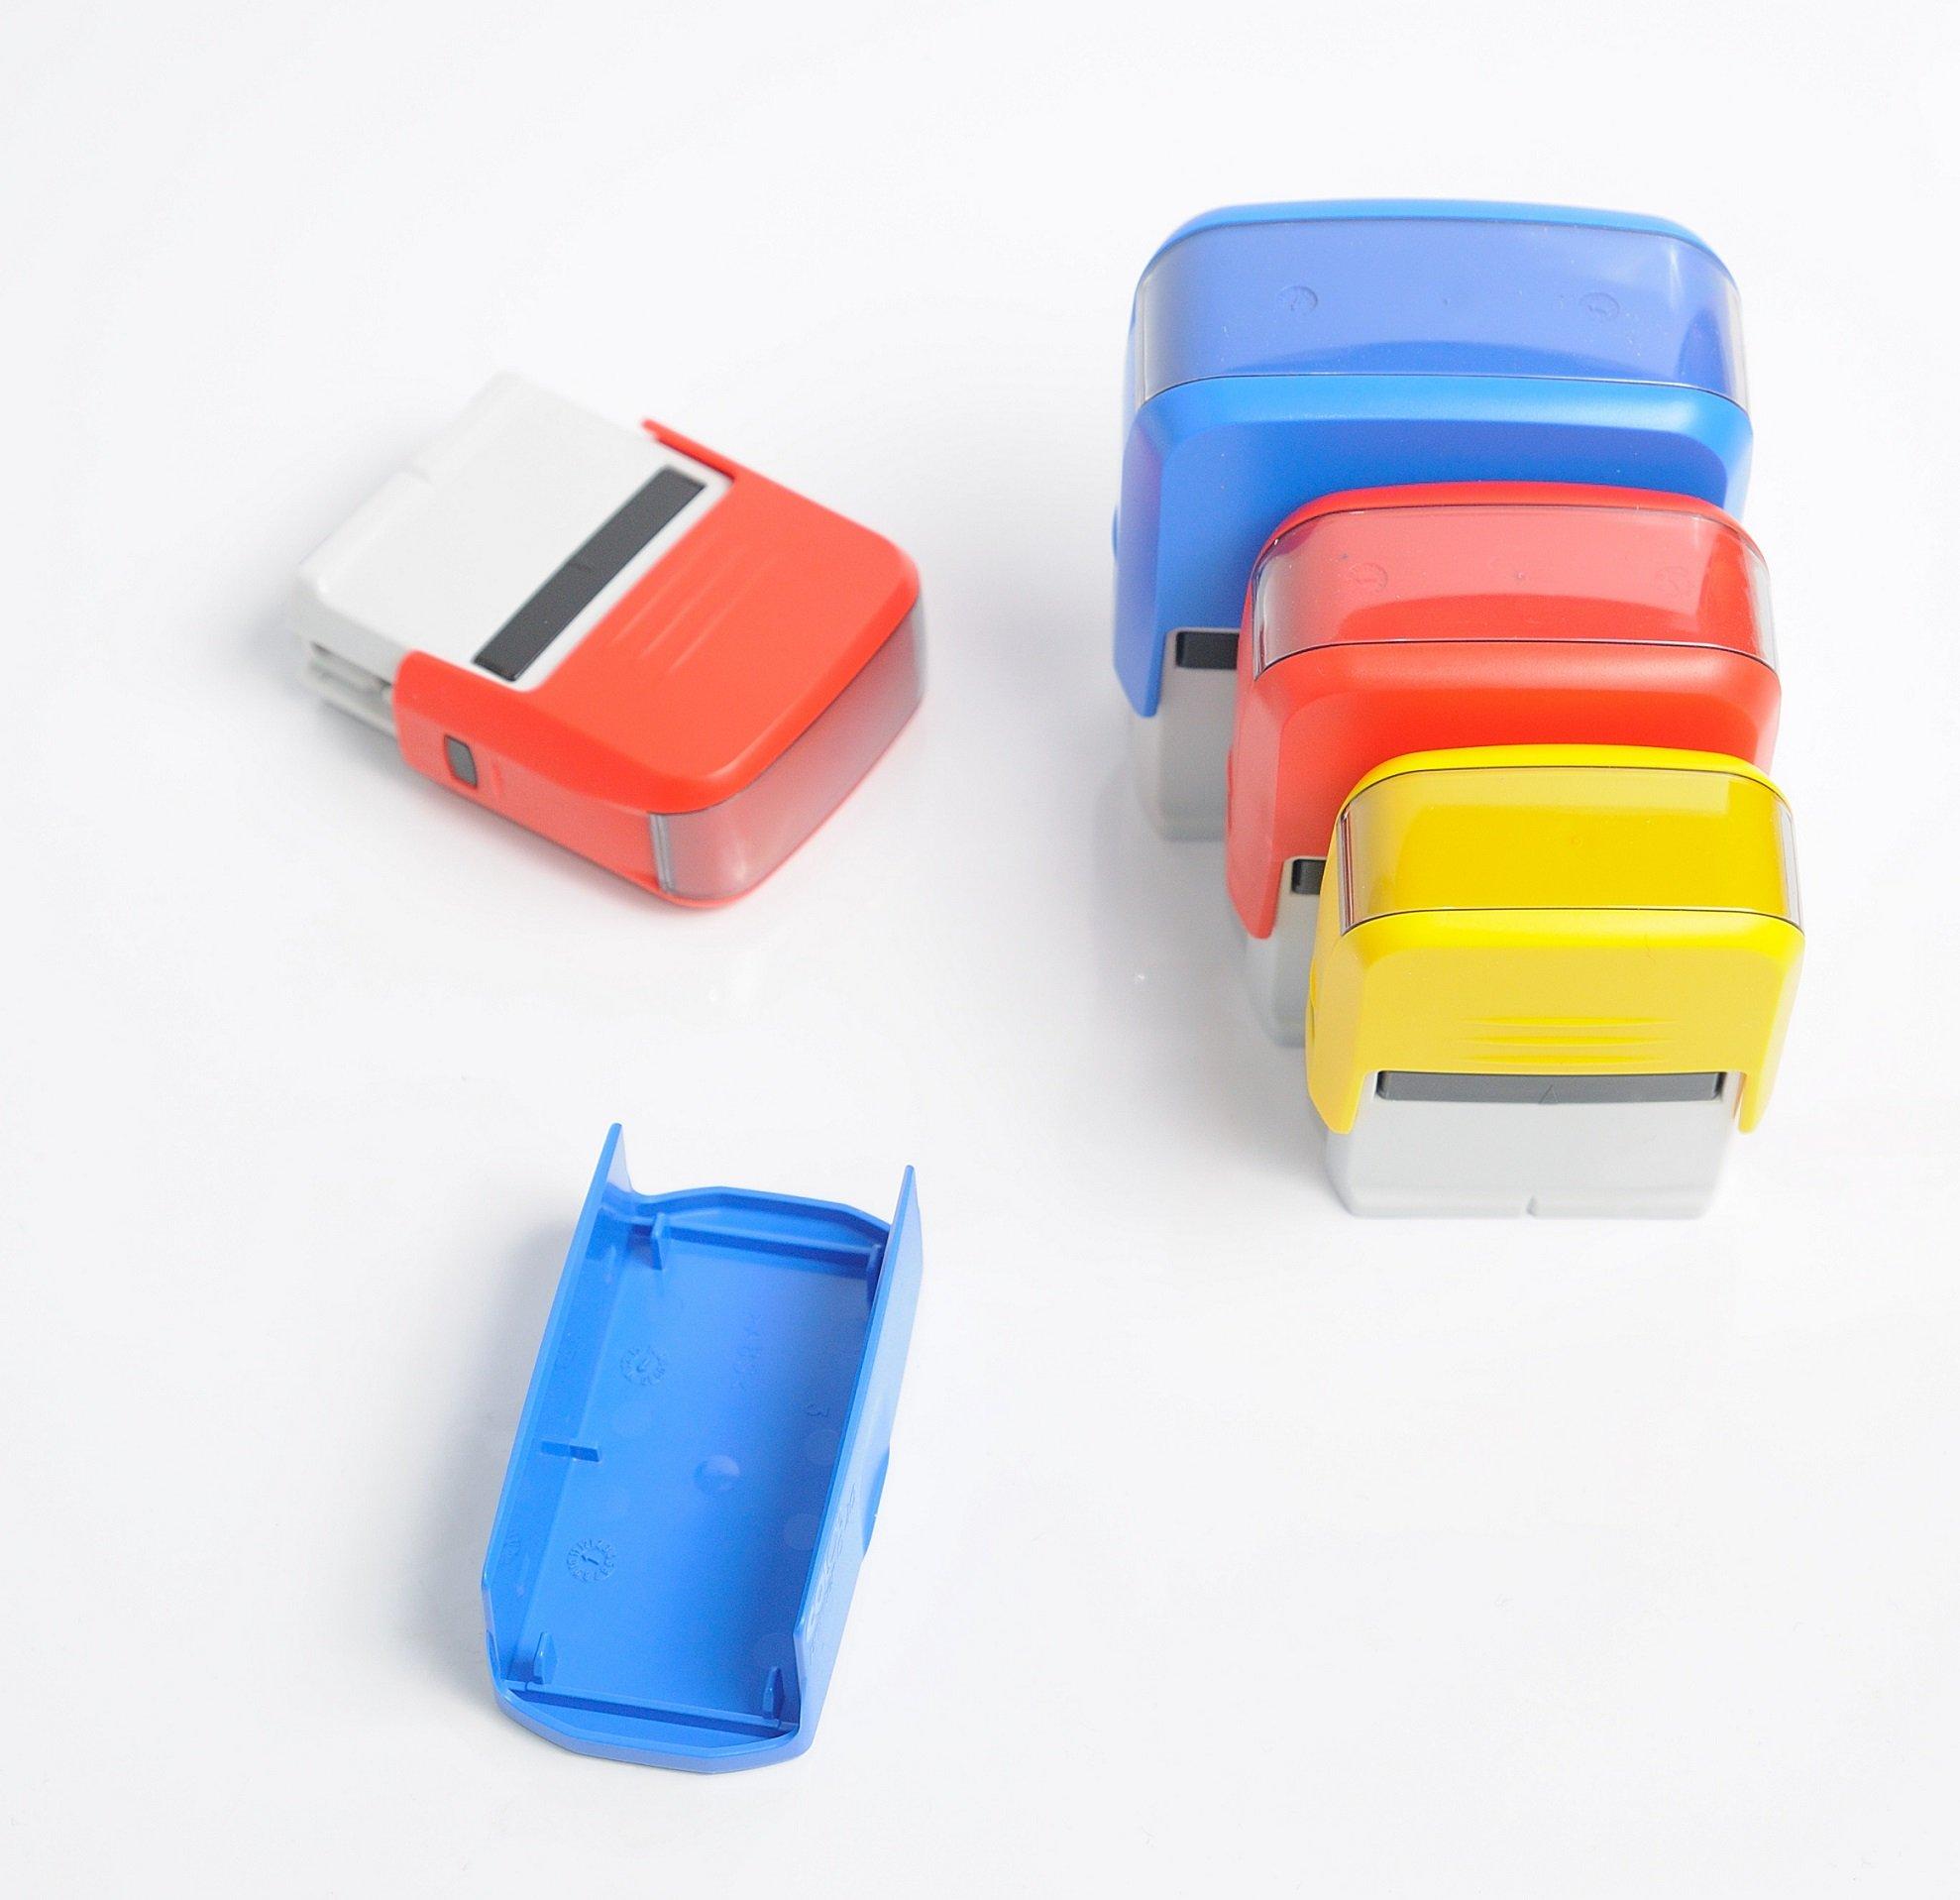 kolorowe modele pieczątek, różne rozmiary pieczątek, pieczątki automatyczne